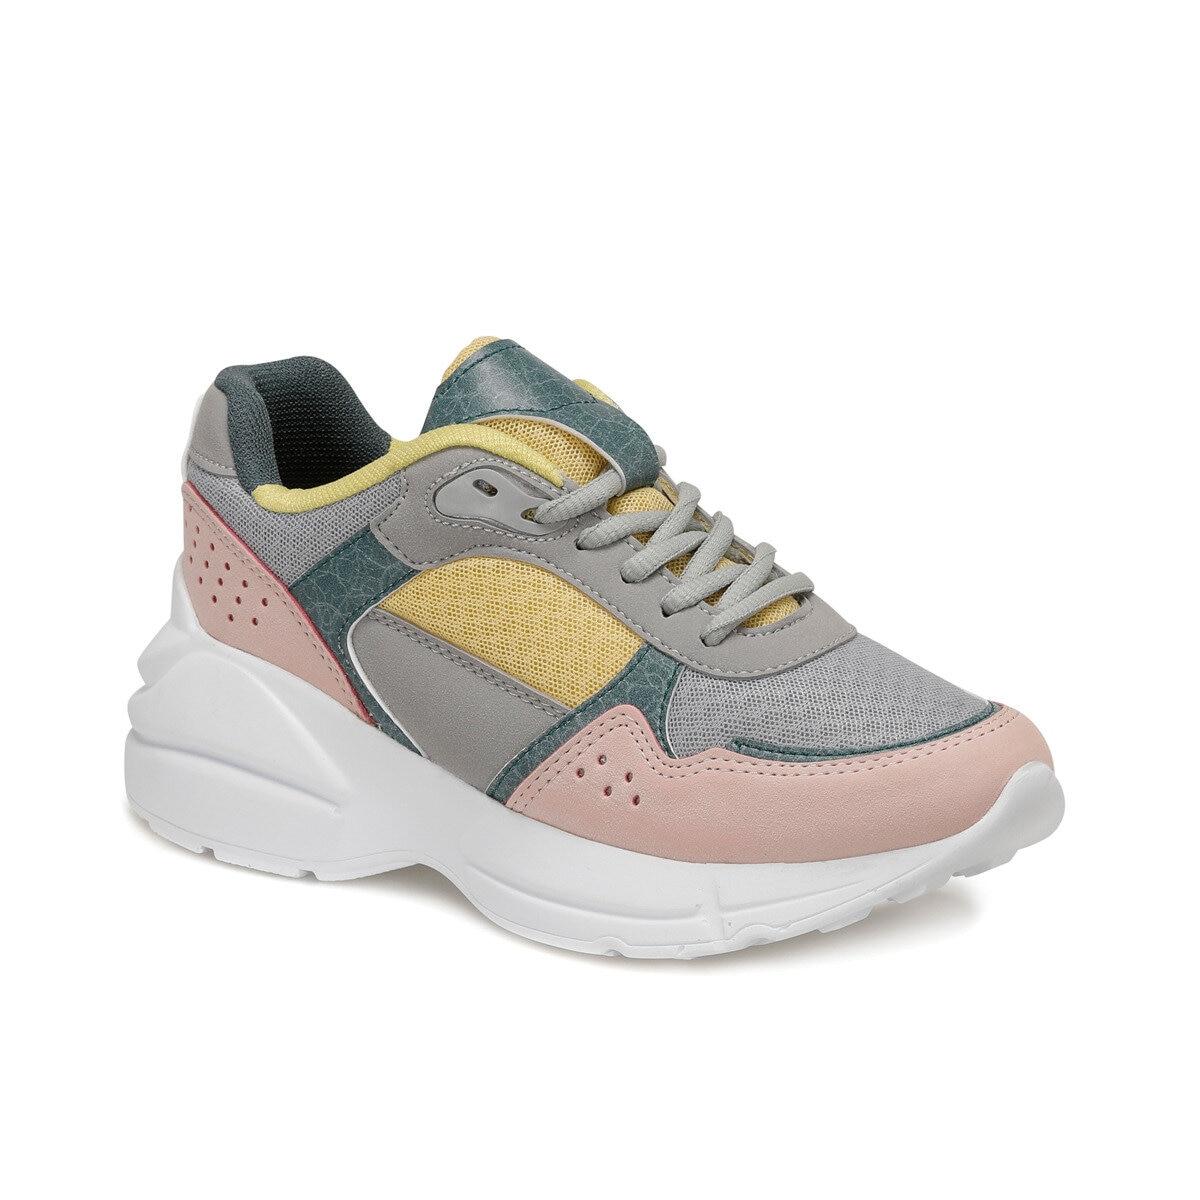 FLO AVA W Gray Women 'S Sneaker Shoes KINETIX